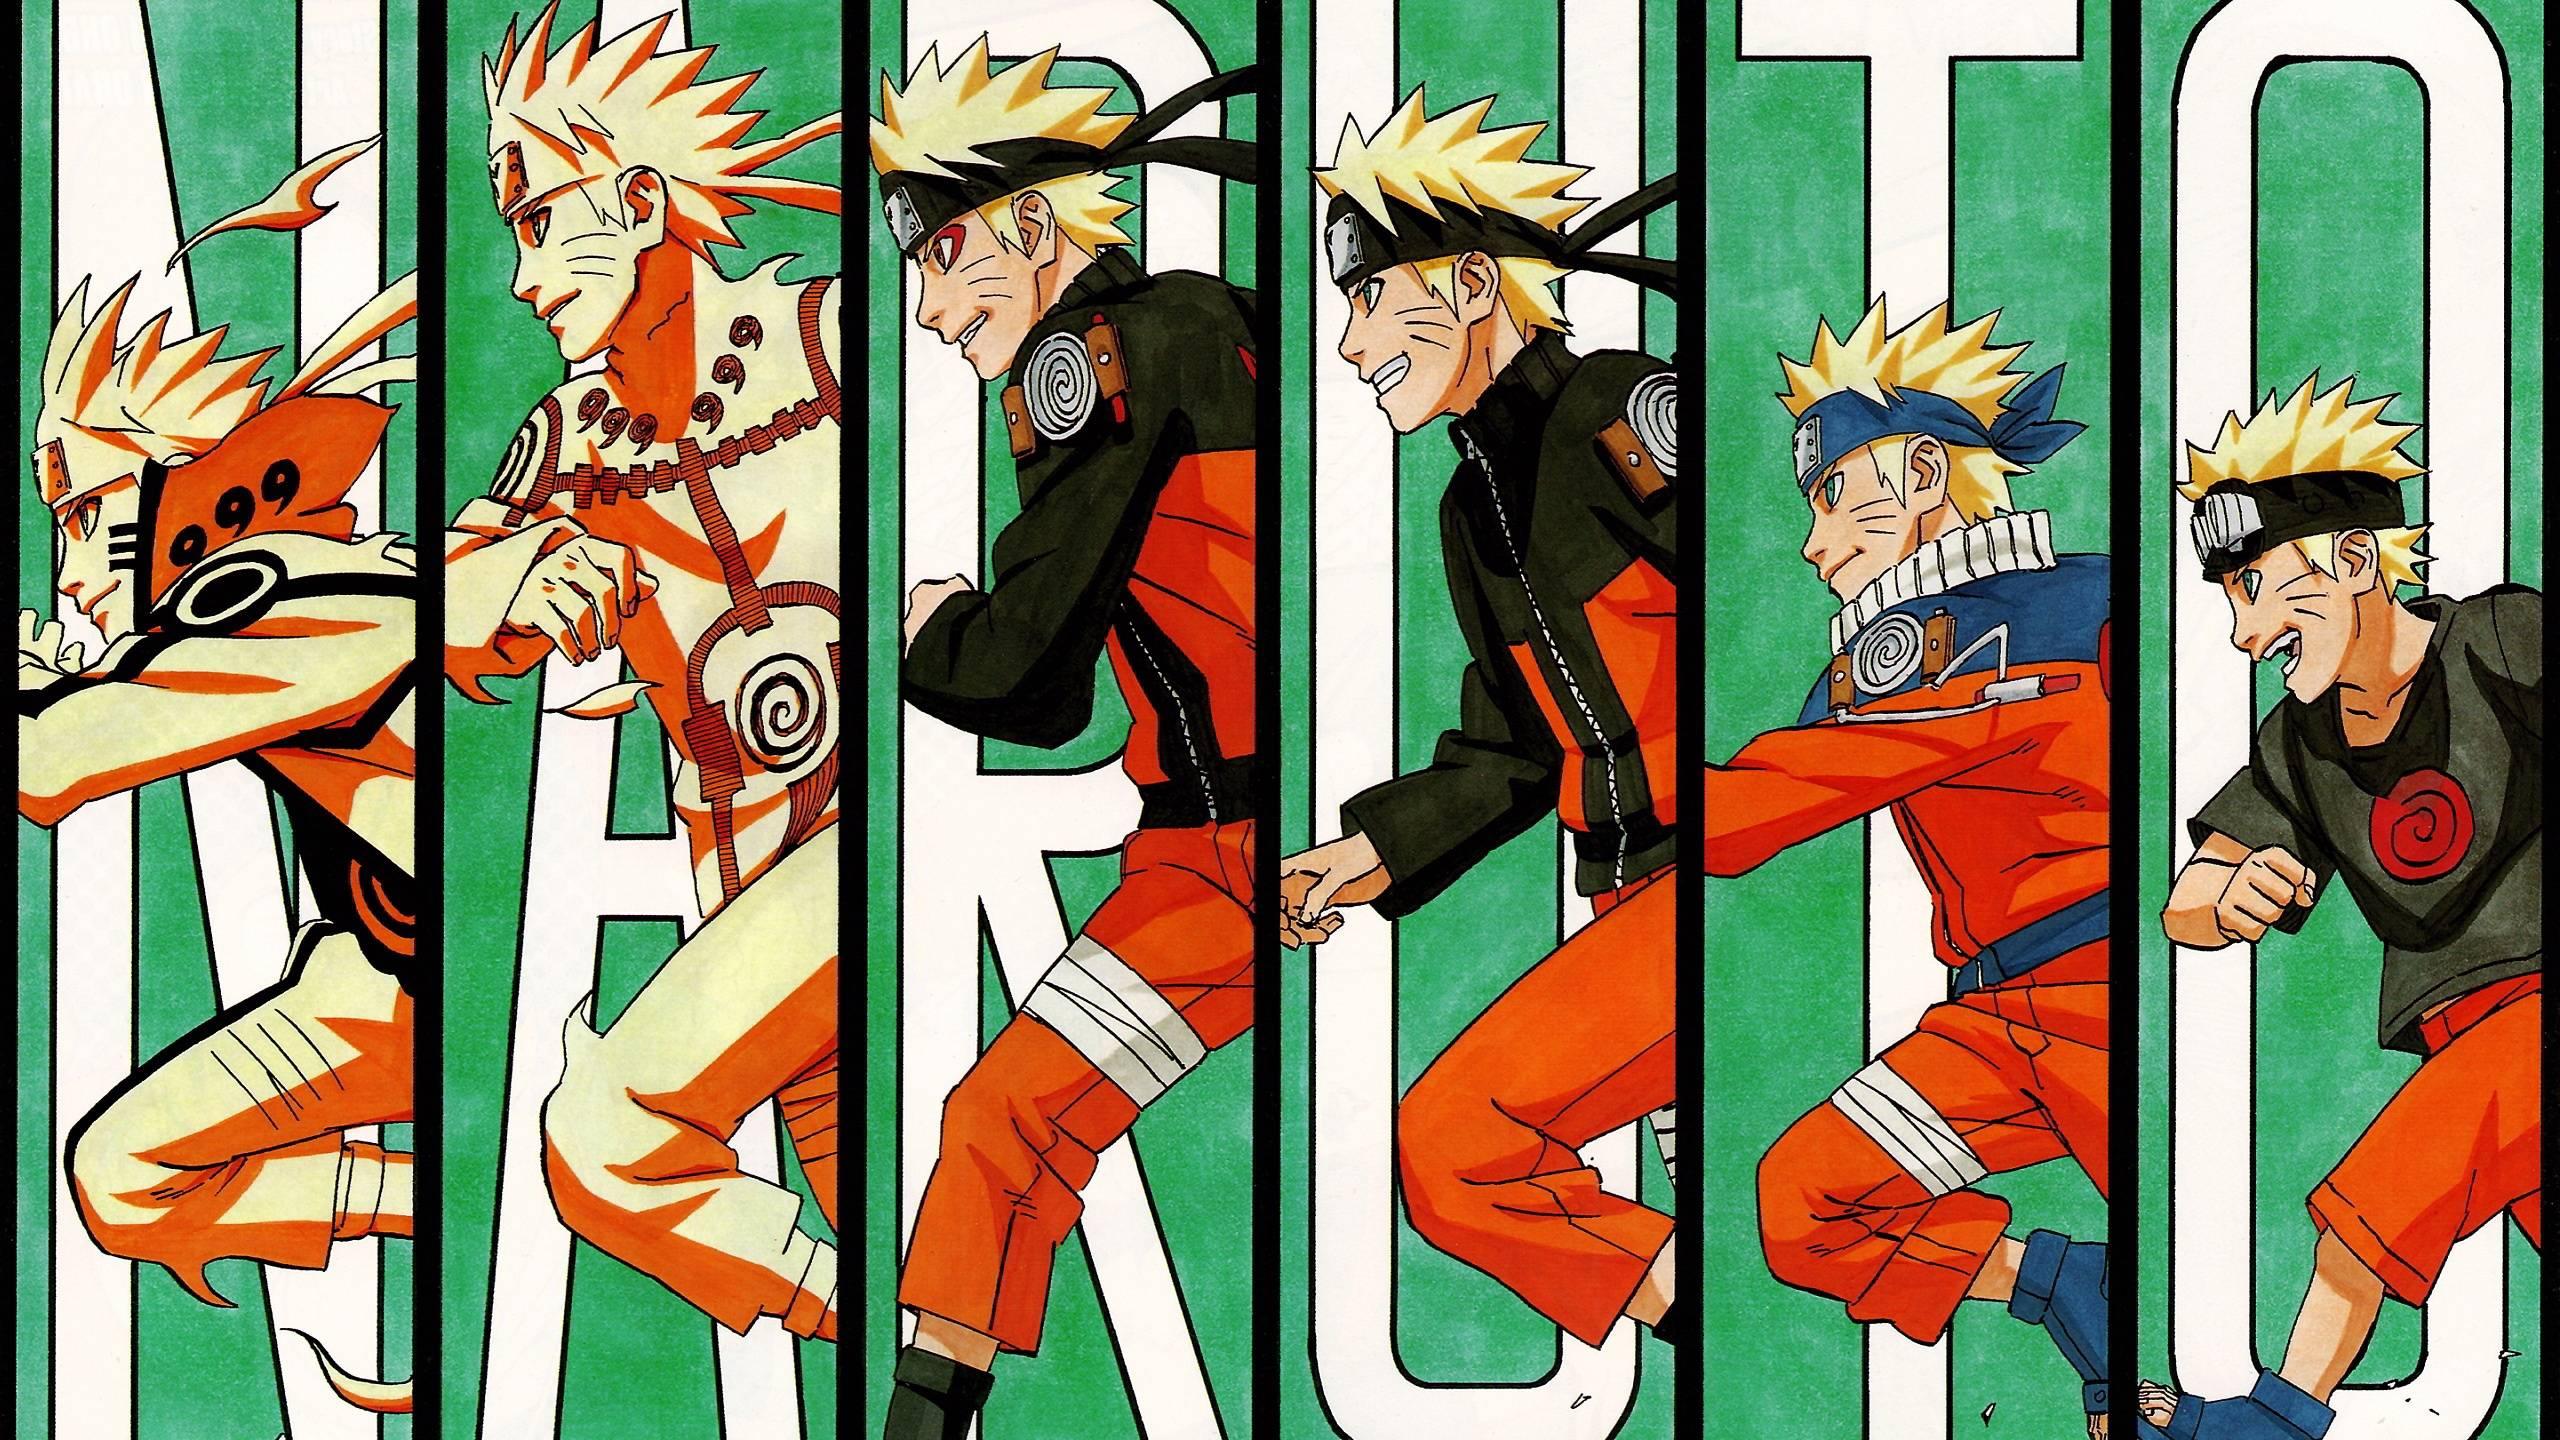 Naruto Wallpapers Hd 2015 Wallpaper Cave